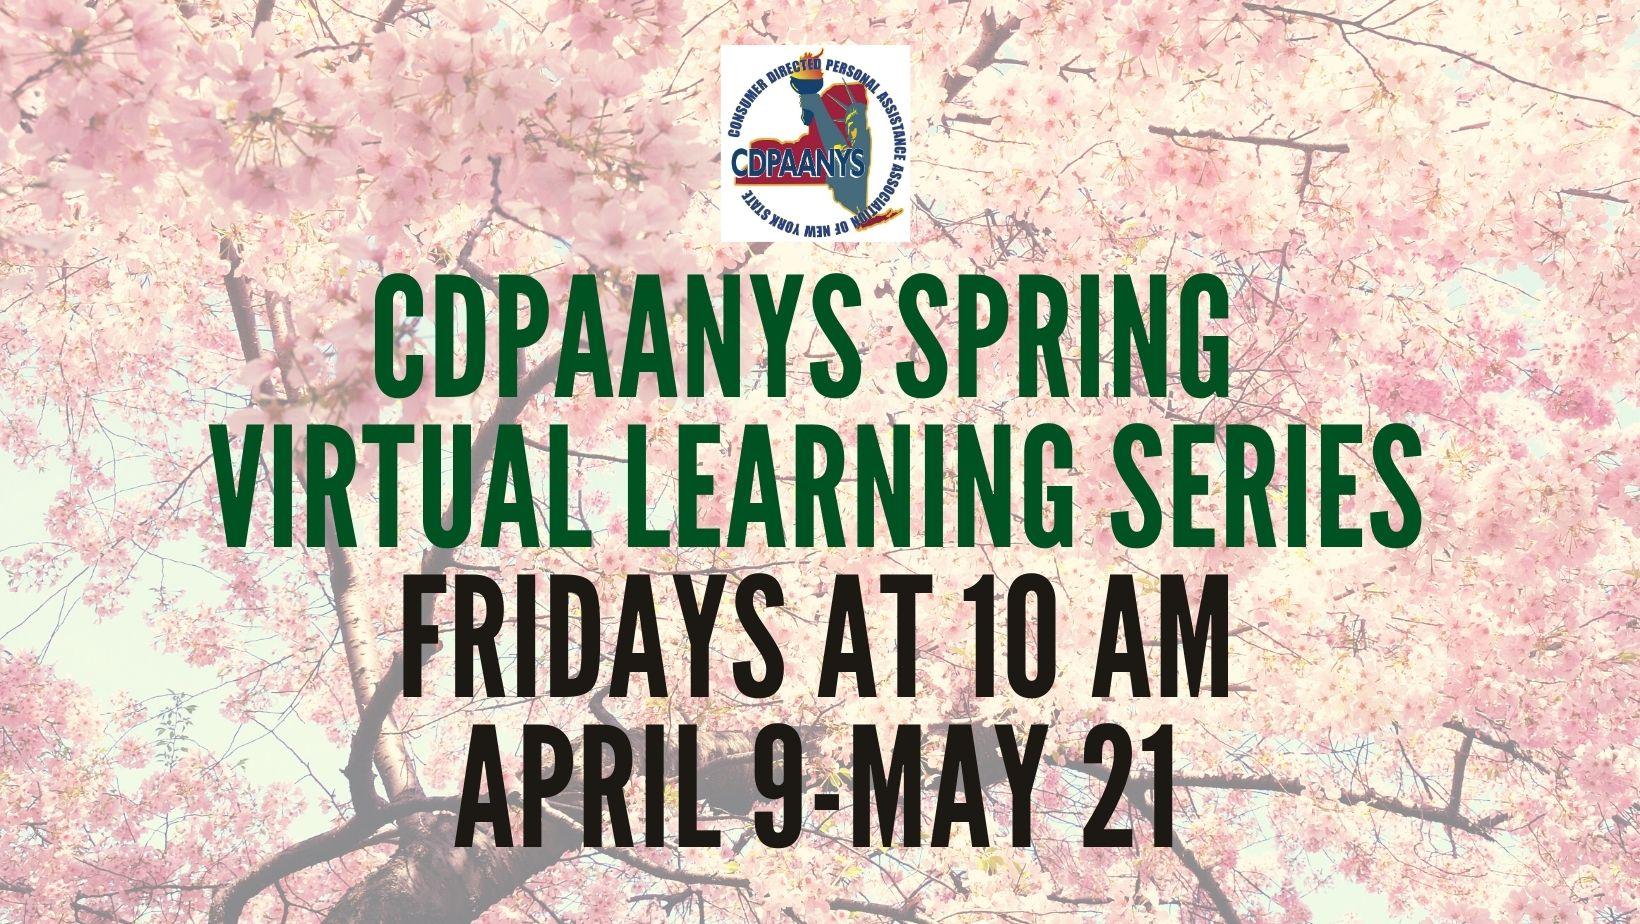 CDPAANYS SPRING  VIRTUAL LEARNING SERIES FRIDAYS AT 10 AM April 9-May 14